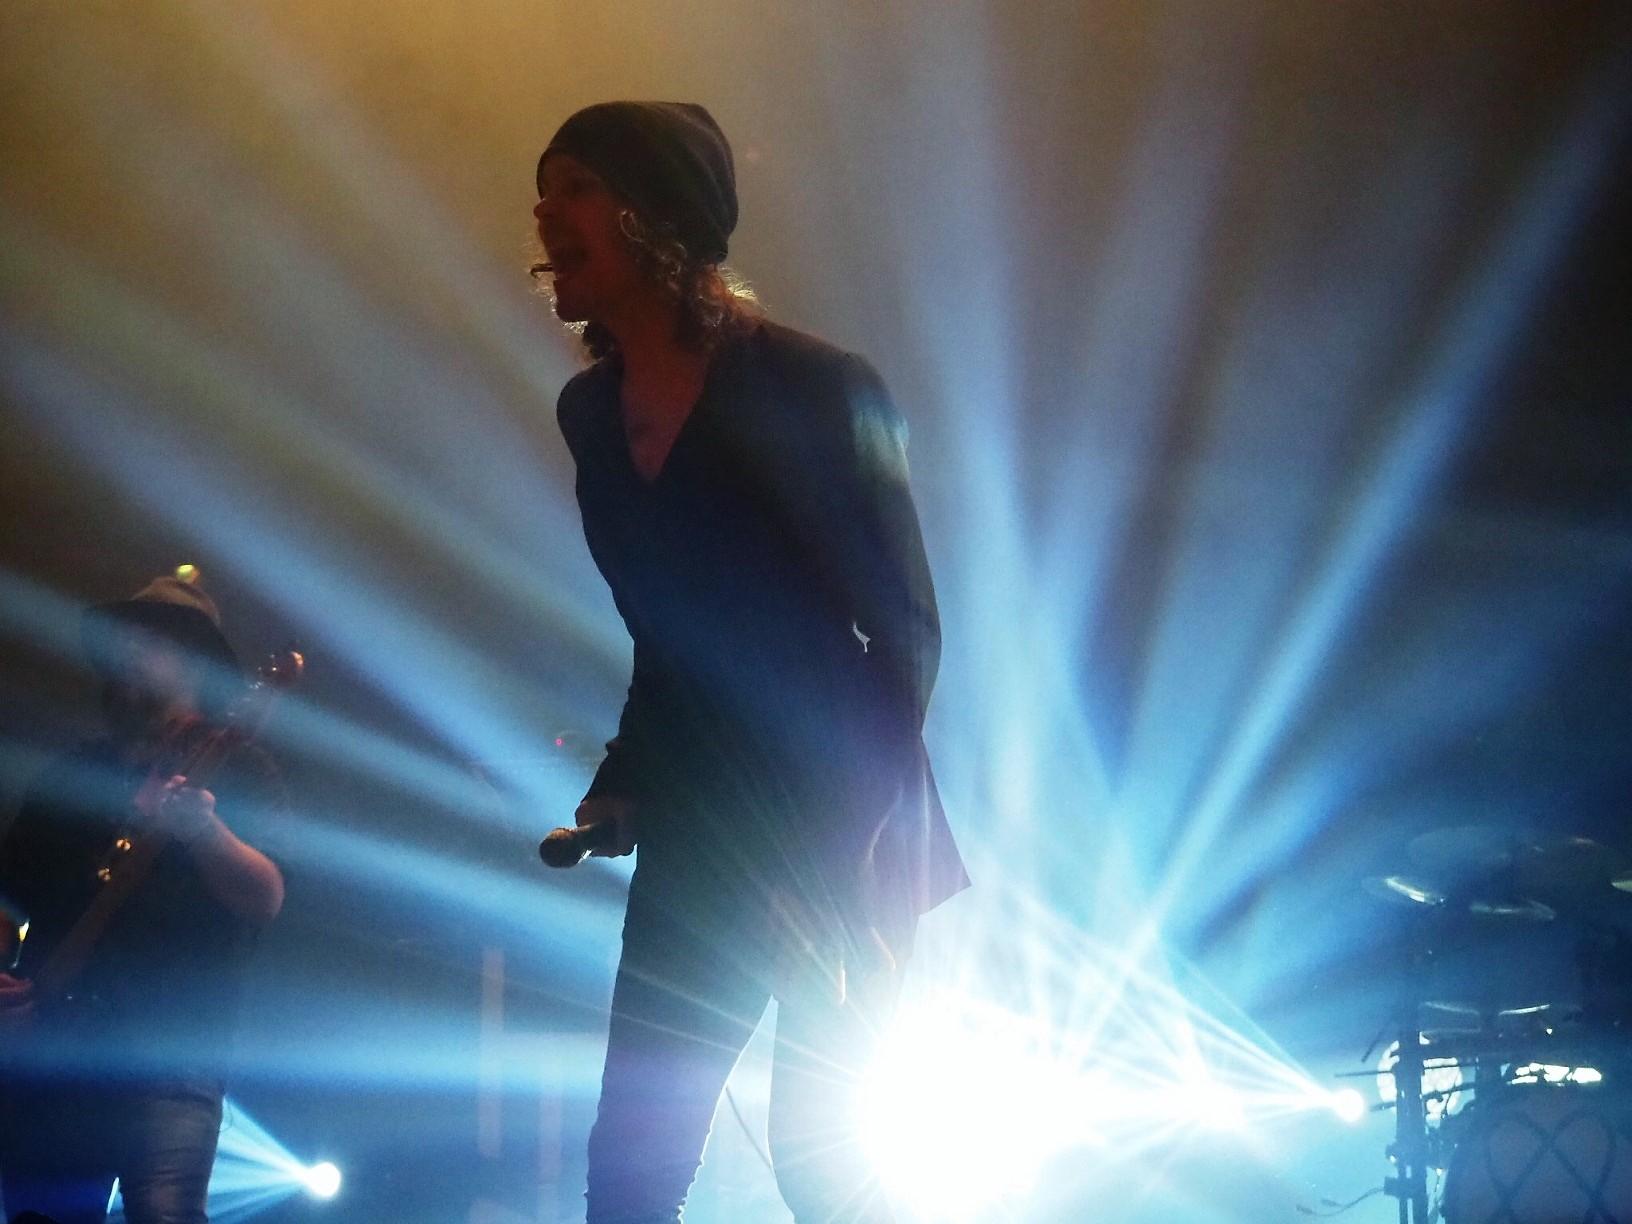 HIM-Sänger Ville Valo auf der Bühne in Helsinki